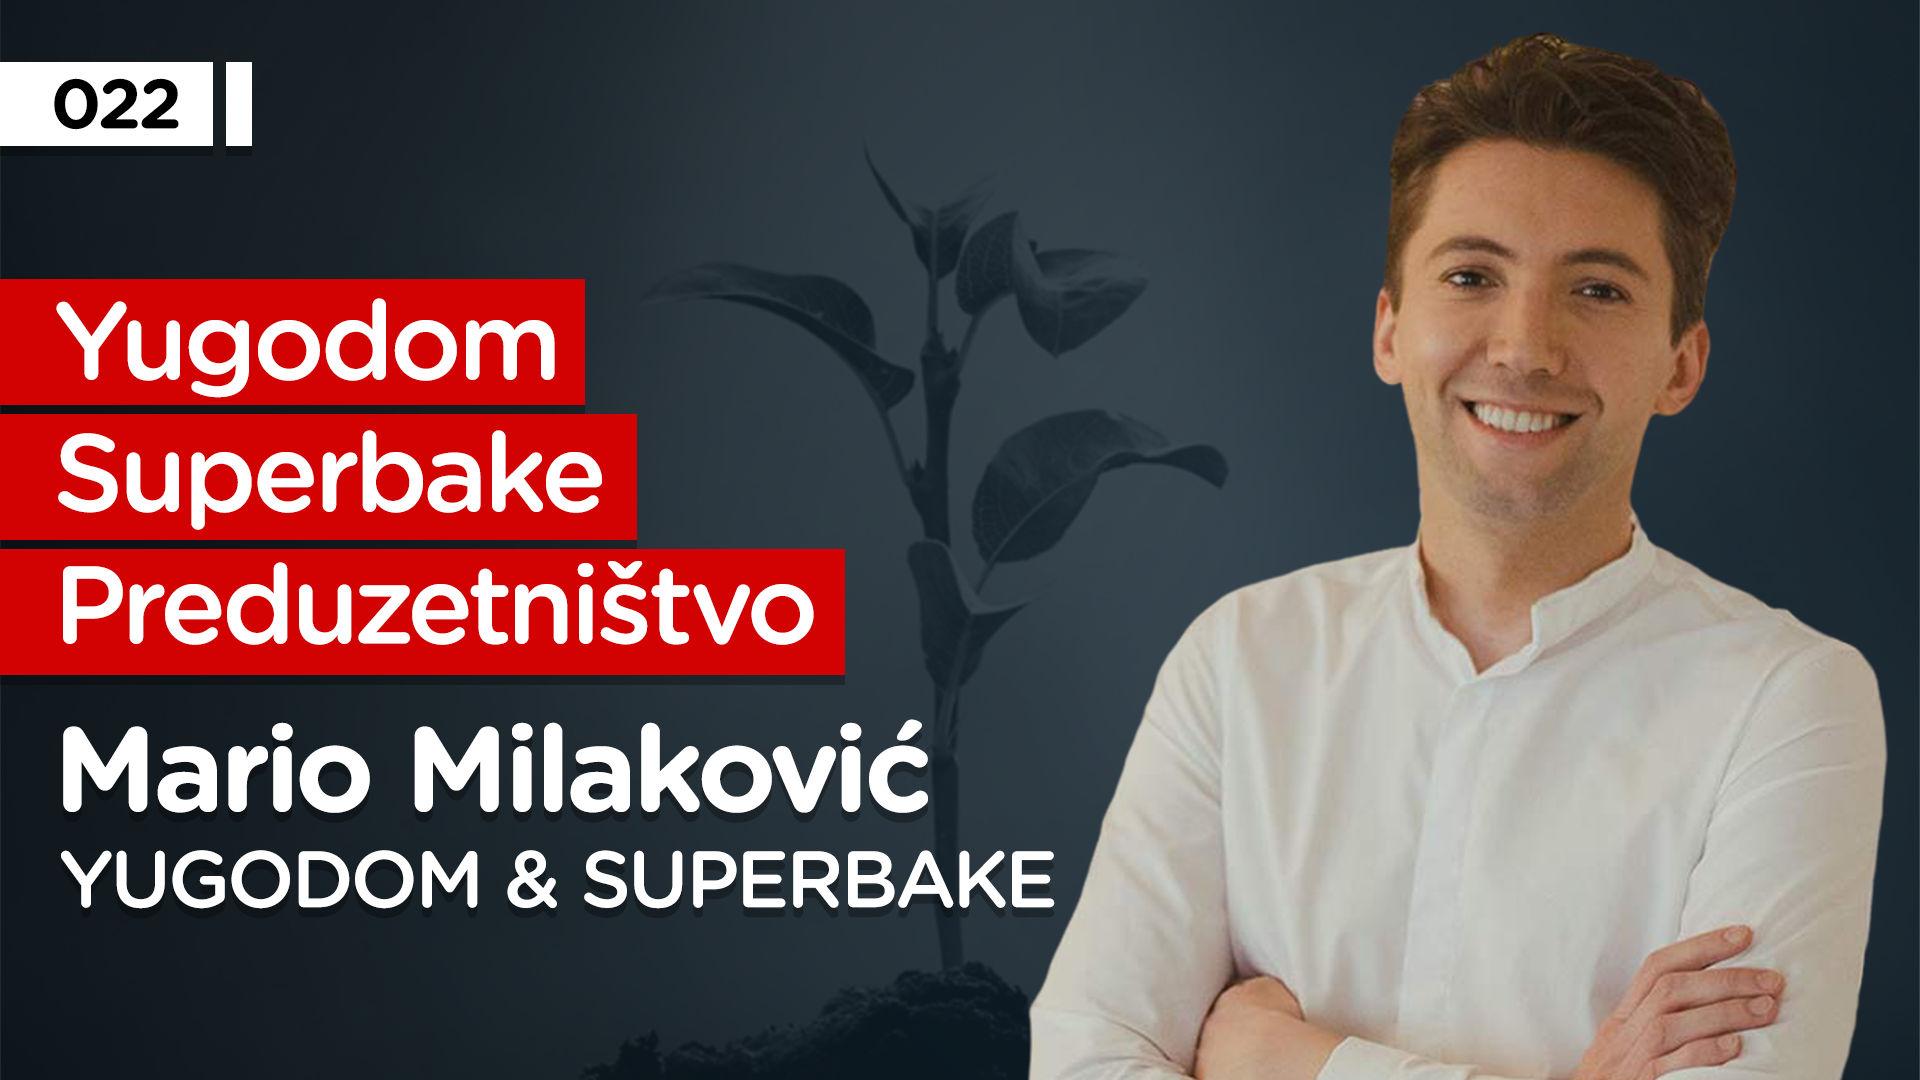 EP022: Mario Milaković